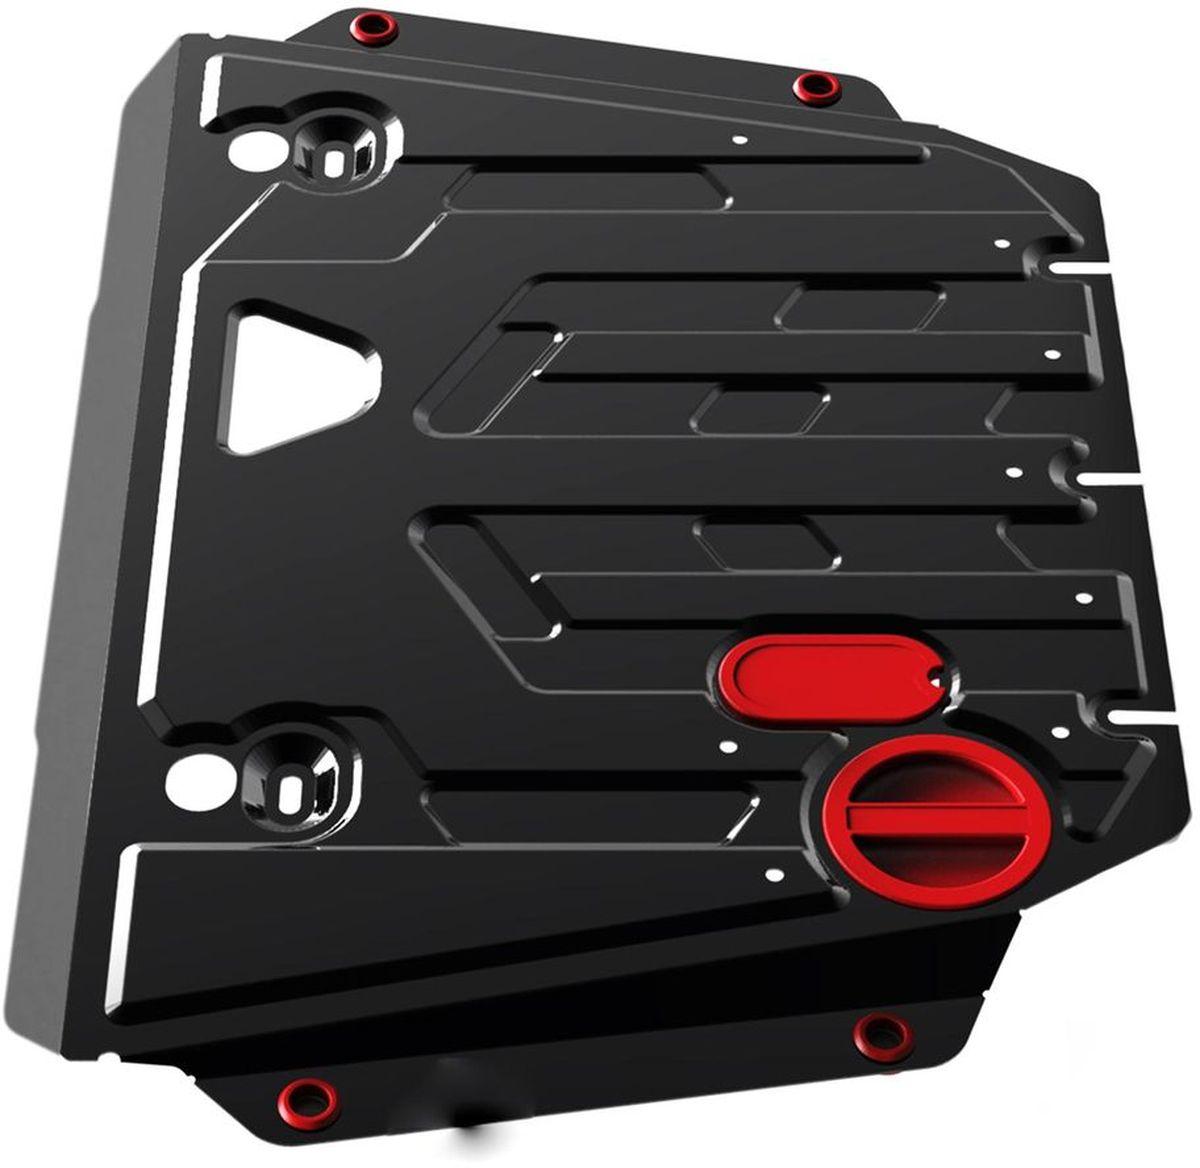 Защита картера и КПП Автоброня FAW V5 2012-, сталь 2 мм111.08006.1Защита картера и КПП Автоброня FAW V5 МКПП, V-1,5 2012-, сталь 2 мм, комплект крепежа, 111.08006.1Стальные защиты Автоброня надежно защищают ваш автомобиль от повреждений при наезде на бордюры, выступающие канализационные люки, кромки поврежденного асфальта или при ремонте дорог, не говоря уже о загородных дорогах.- Имеют оптимальное соотношение цена-качество.- Спроектированы с учетом особенностей автомобиля, что делает установку удобной.- Защита устанавливается в штатные места кузова автомобиля.- Является надежной защитой для важных элементов на протяжении долгих лет.- Глубокий штамп дополнительно усиливает конструкцию защиты.- Подштамповка в местах крепления защищает крепеж от срезания.- Технологические отверстия там, где они необходимы для смены масла и слива воды, оборудованные заглушками, закрепленными на защите.Толщина стали 2 мм.В комплекте крепеж и инструкция по установке.Уважаемые клиенты!Обращаем ваше внимание на тот факт, что защита имеет форму, соответствующую модели данного автомобиля. Наличие глубокого штампа и лючков для смены фильтров/масла предусмотрено не на всех защитах. Фото служит для визуального восприятия товара.